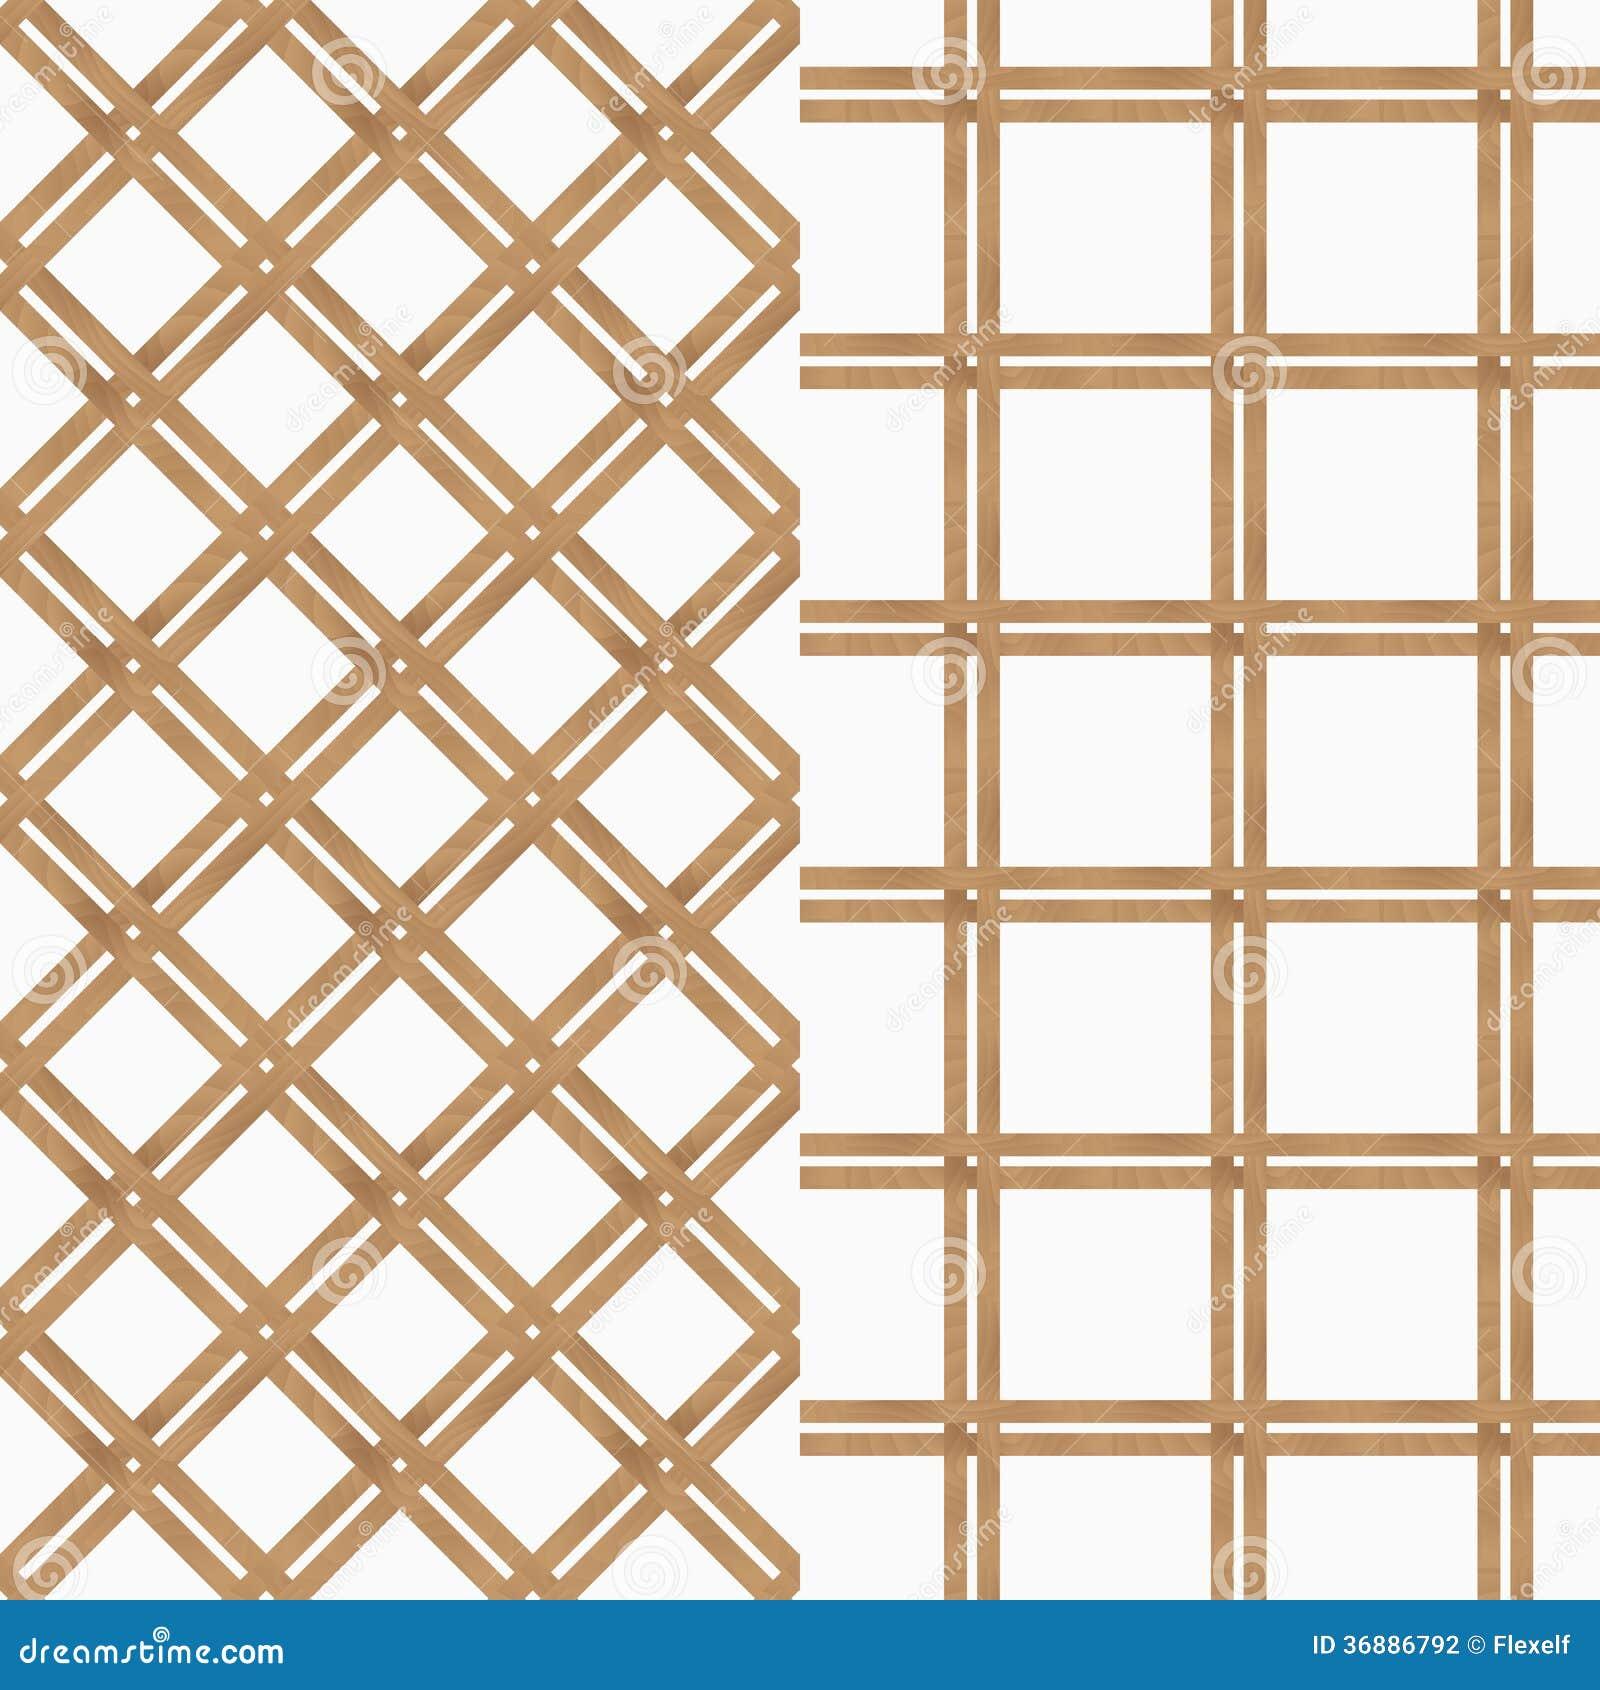 Download Due bordi illustrazione vettoriale. Illustrazione di brave - 36886792